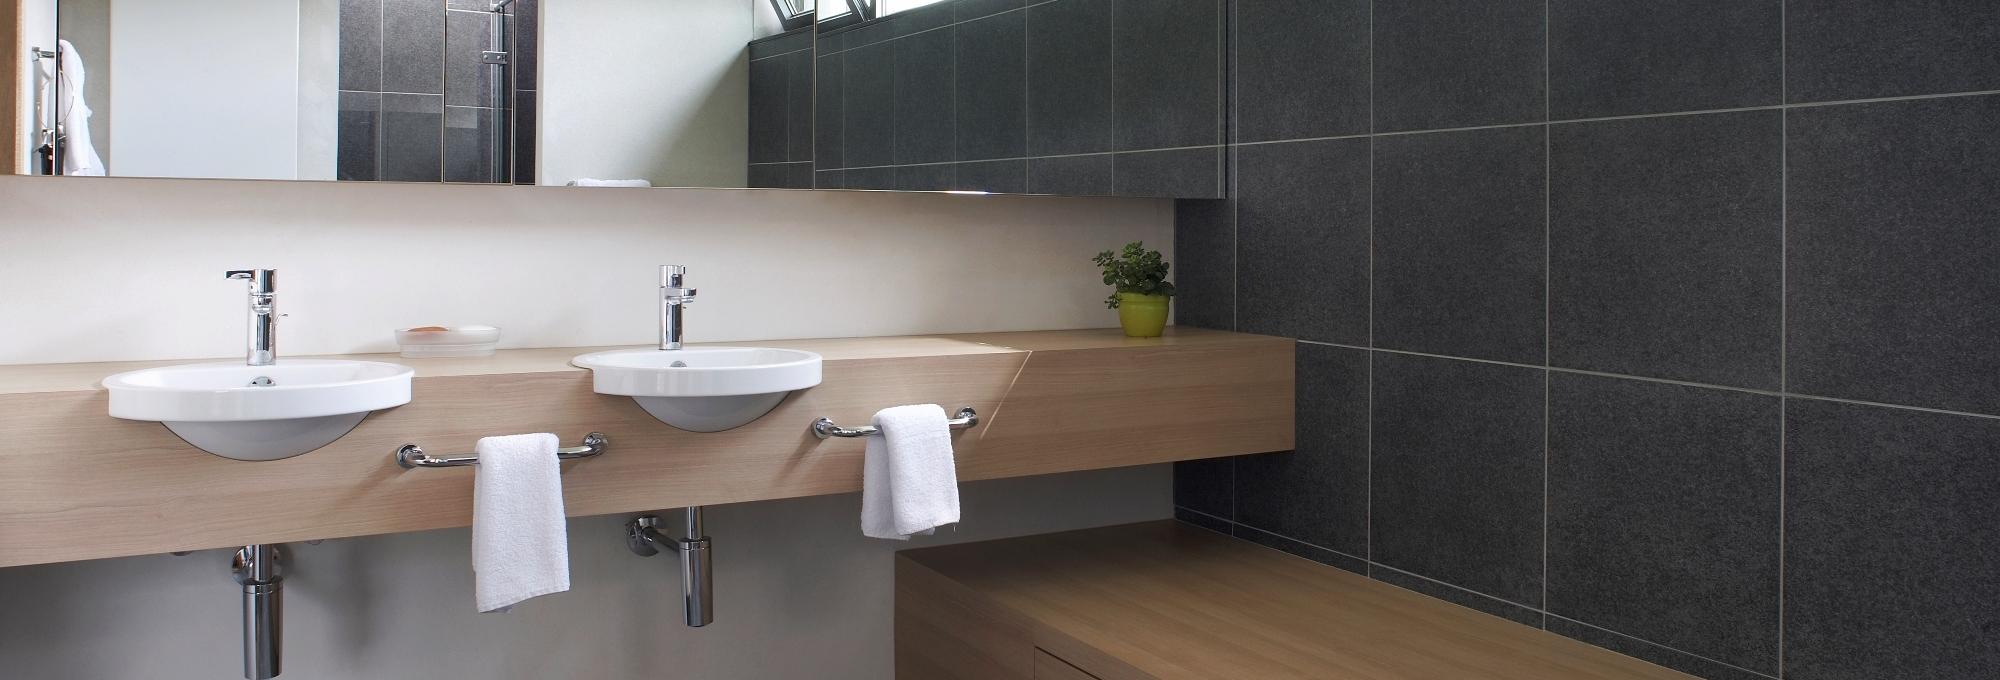 Badkamer op maat interieur geenen for Geenen interieur